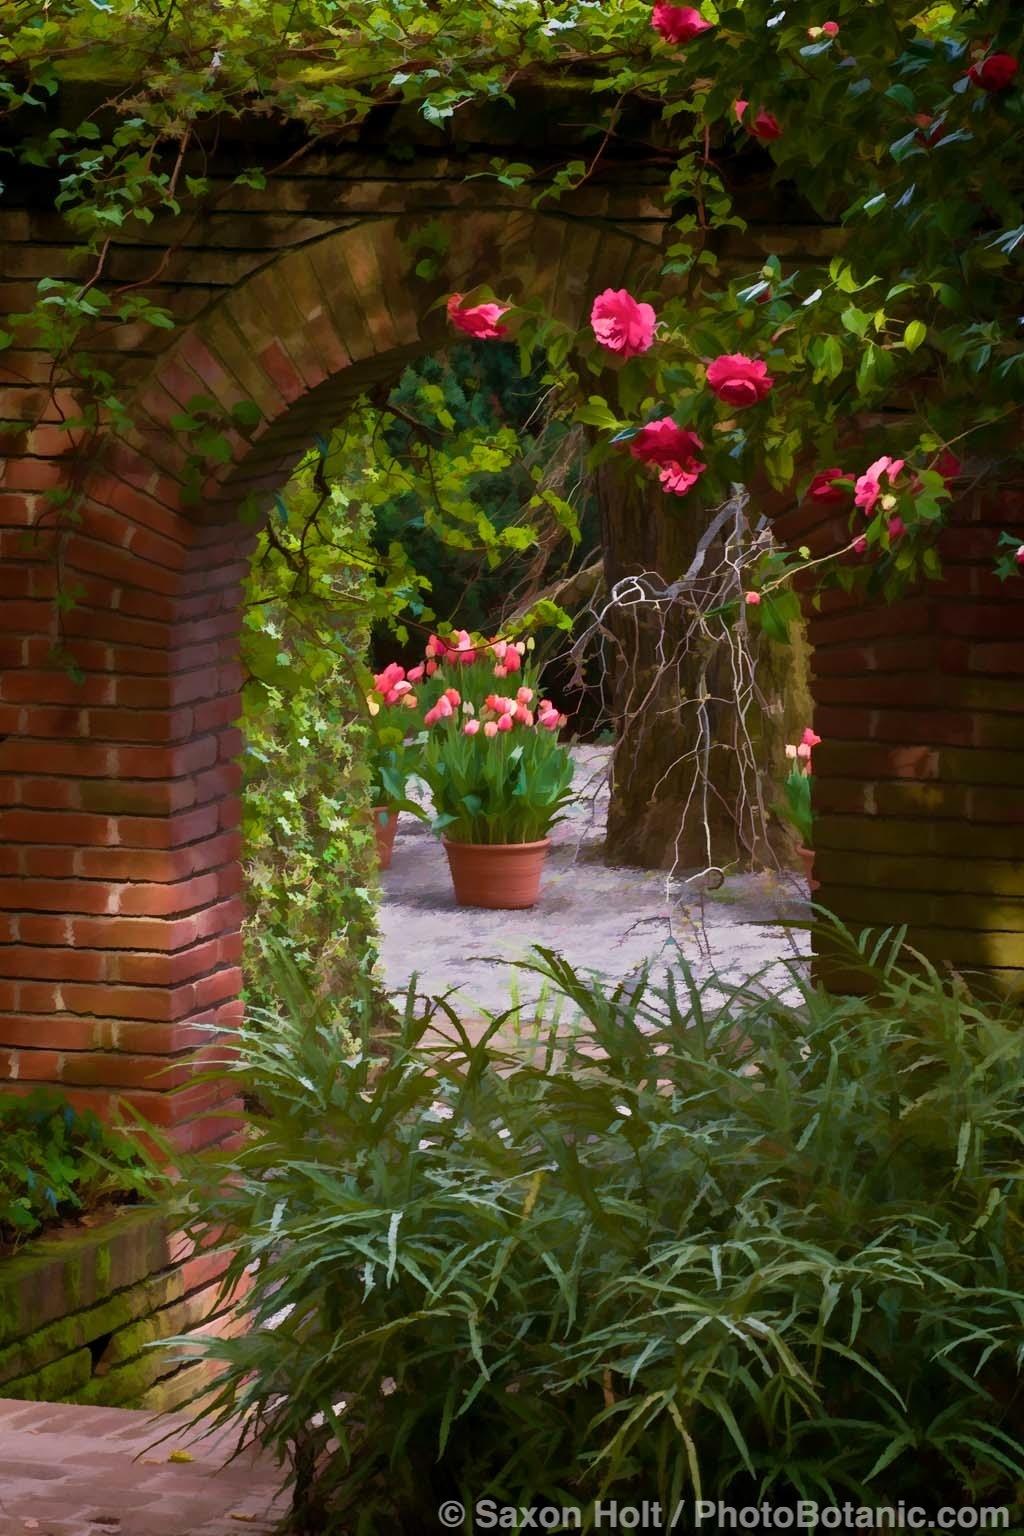 Gate Through the Wall Garden at Filoli